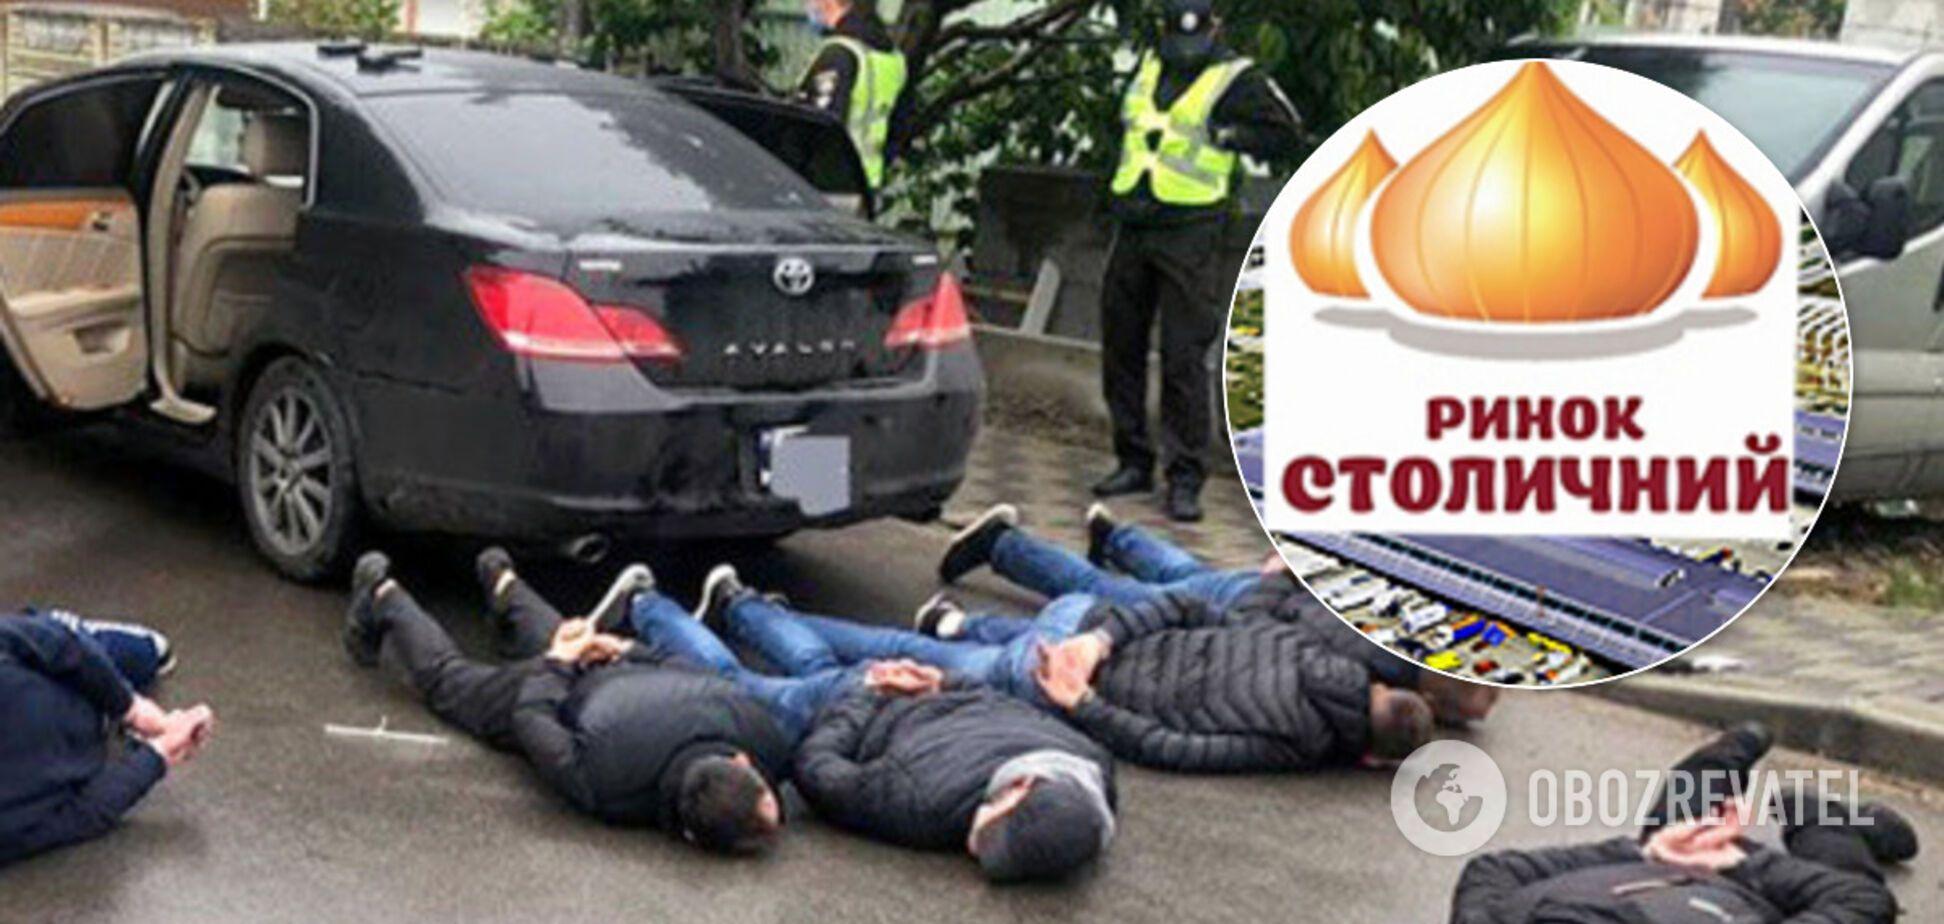 Перестрілка в Броварах: керівництво ринку 'Столичний' відповіло на звинувачення